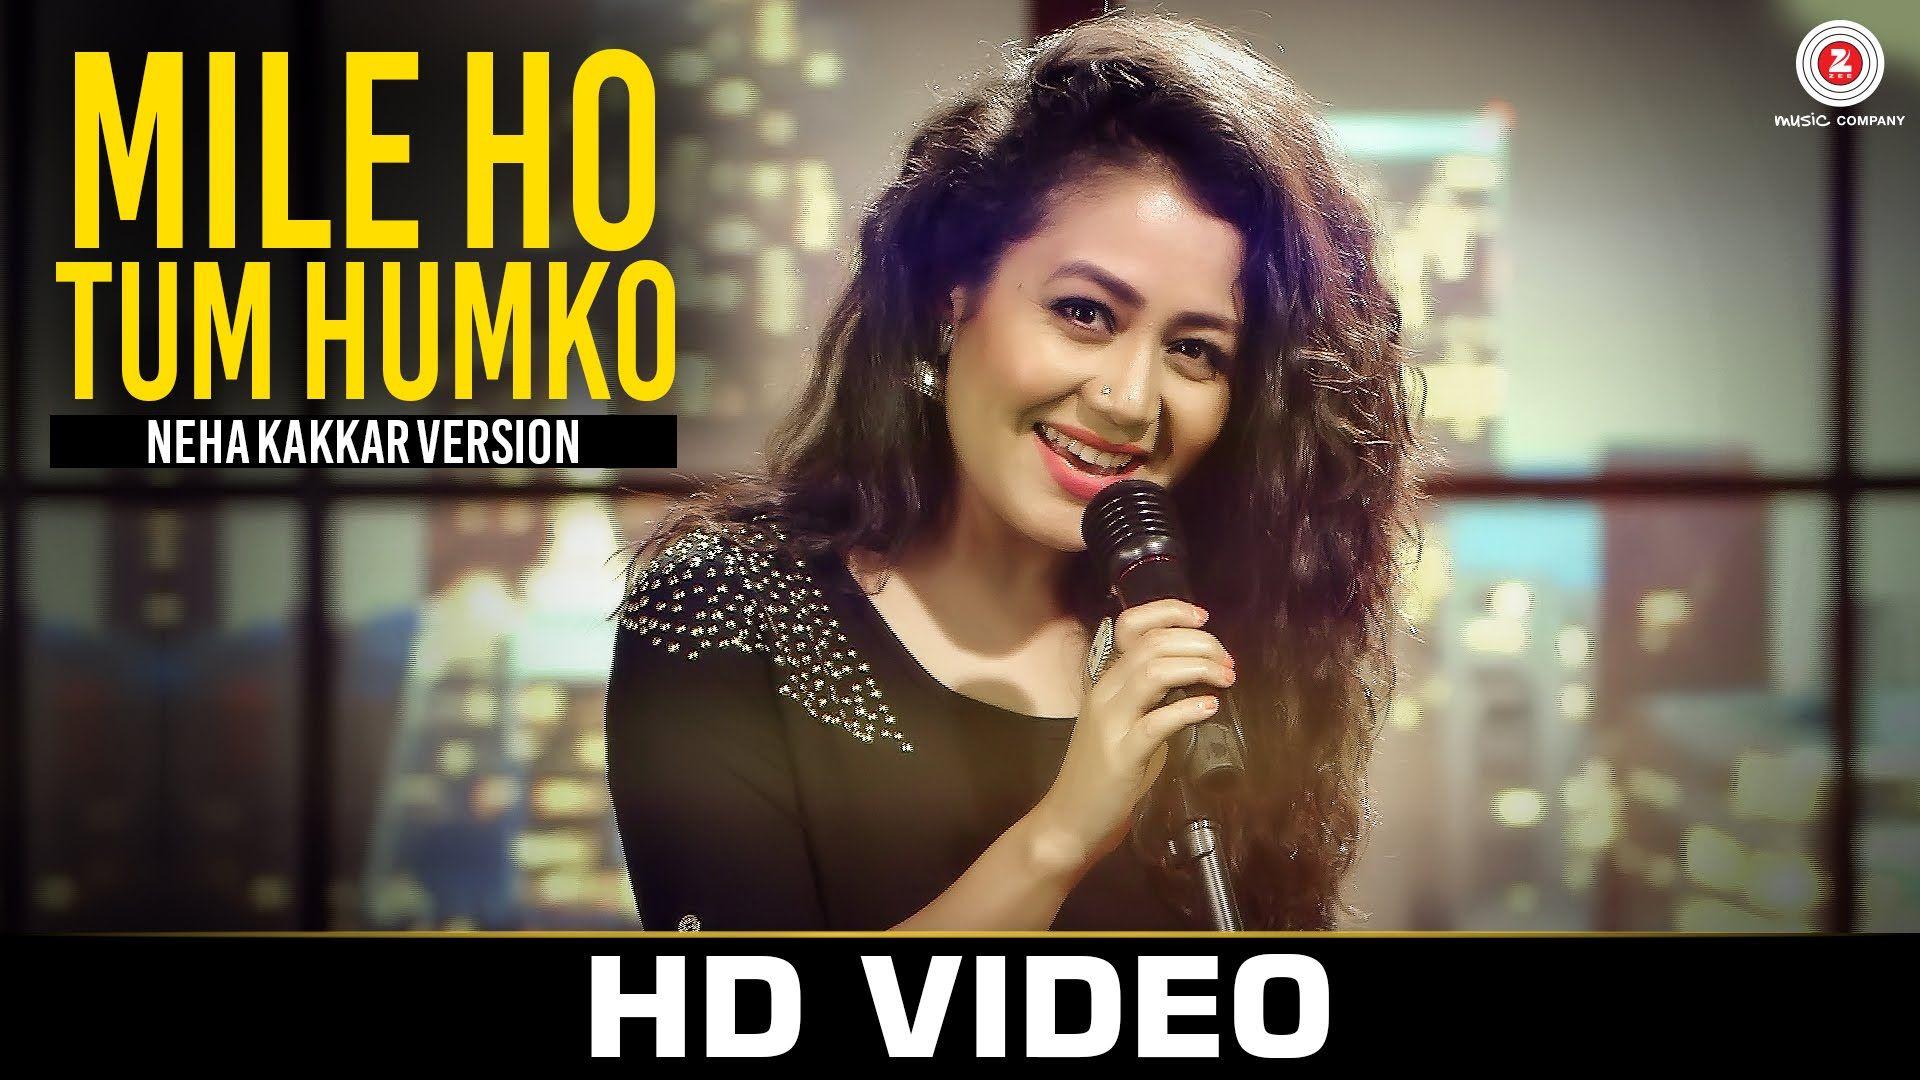 Mile Ho Tum Neha Kakkar's Version Tony Kakkar in 2019